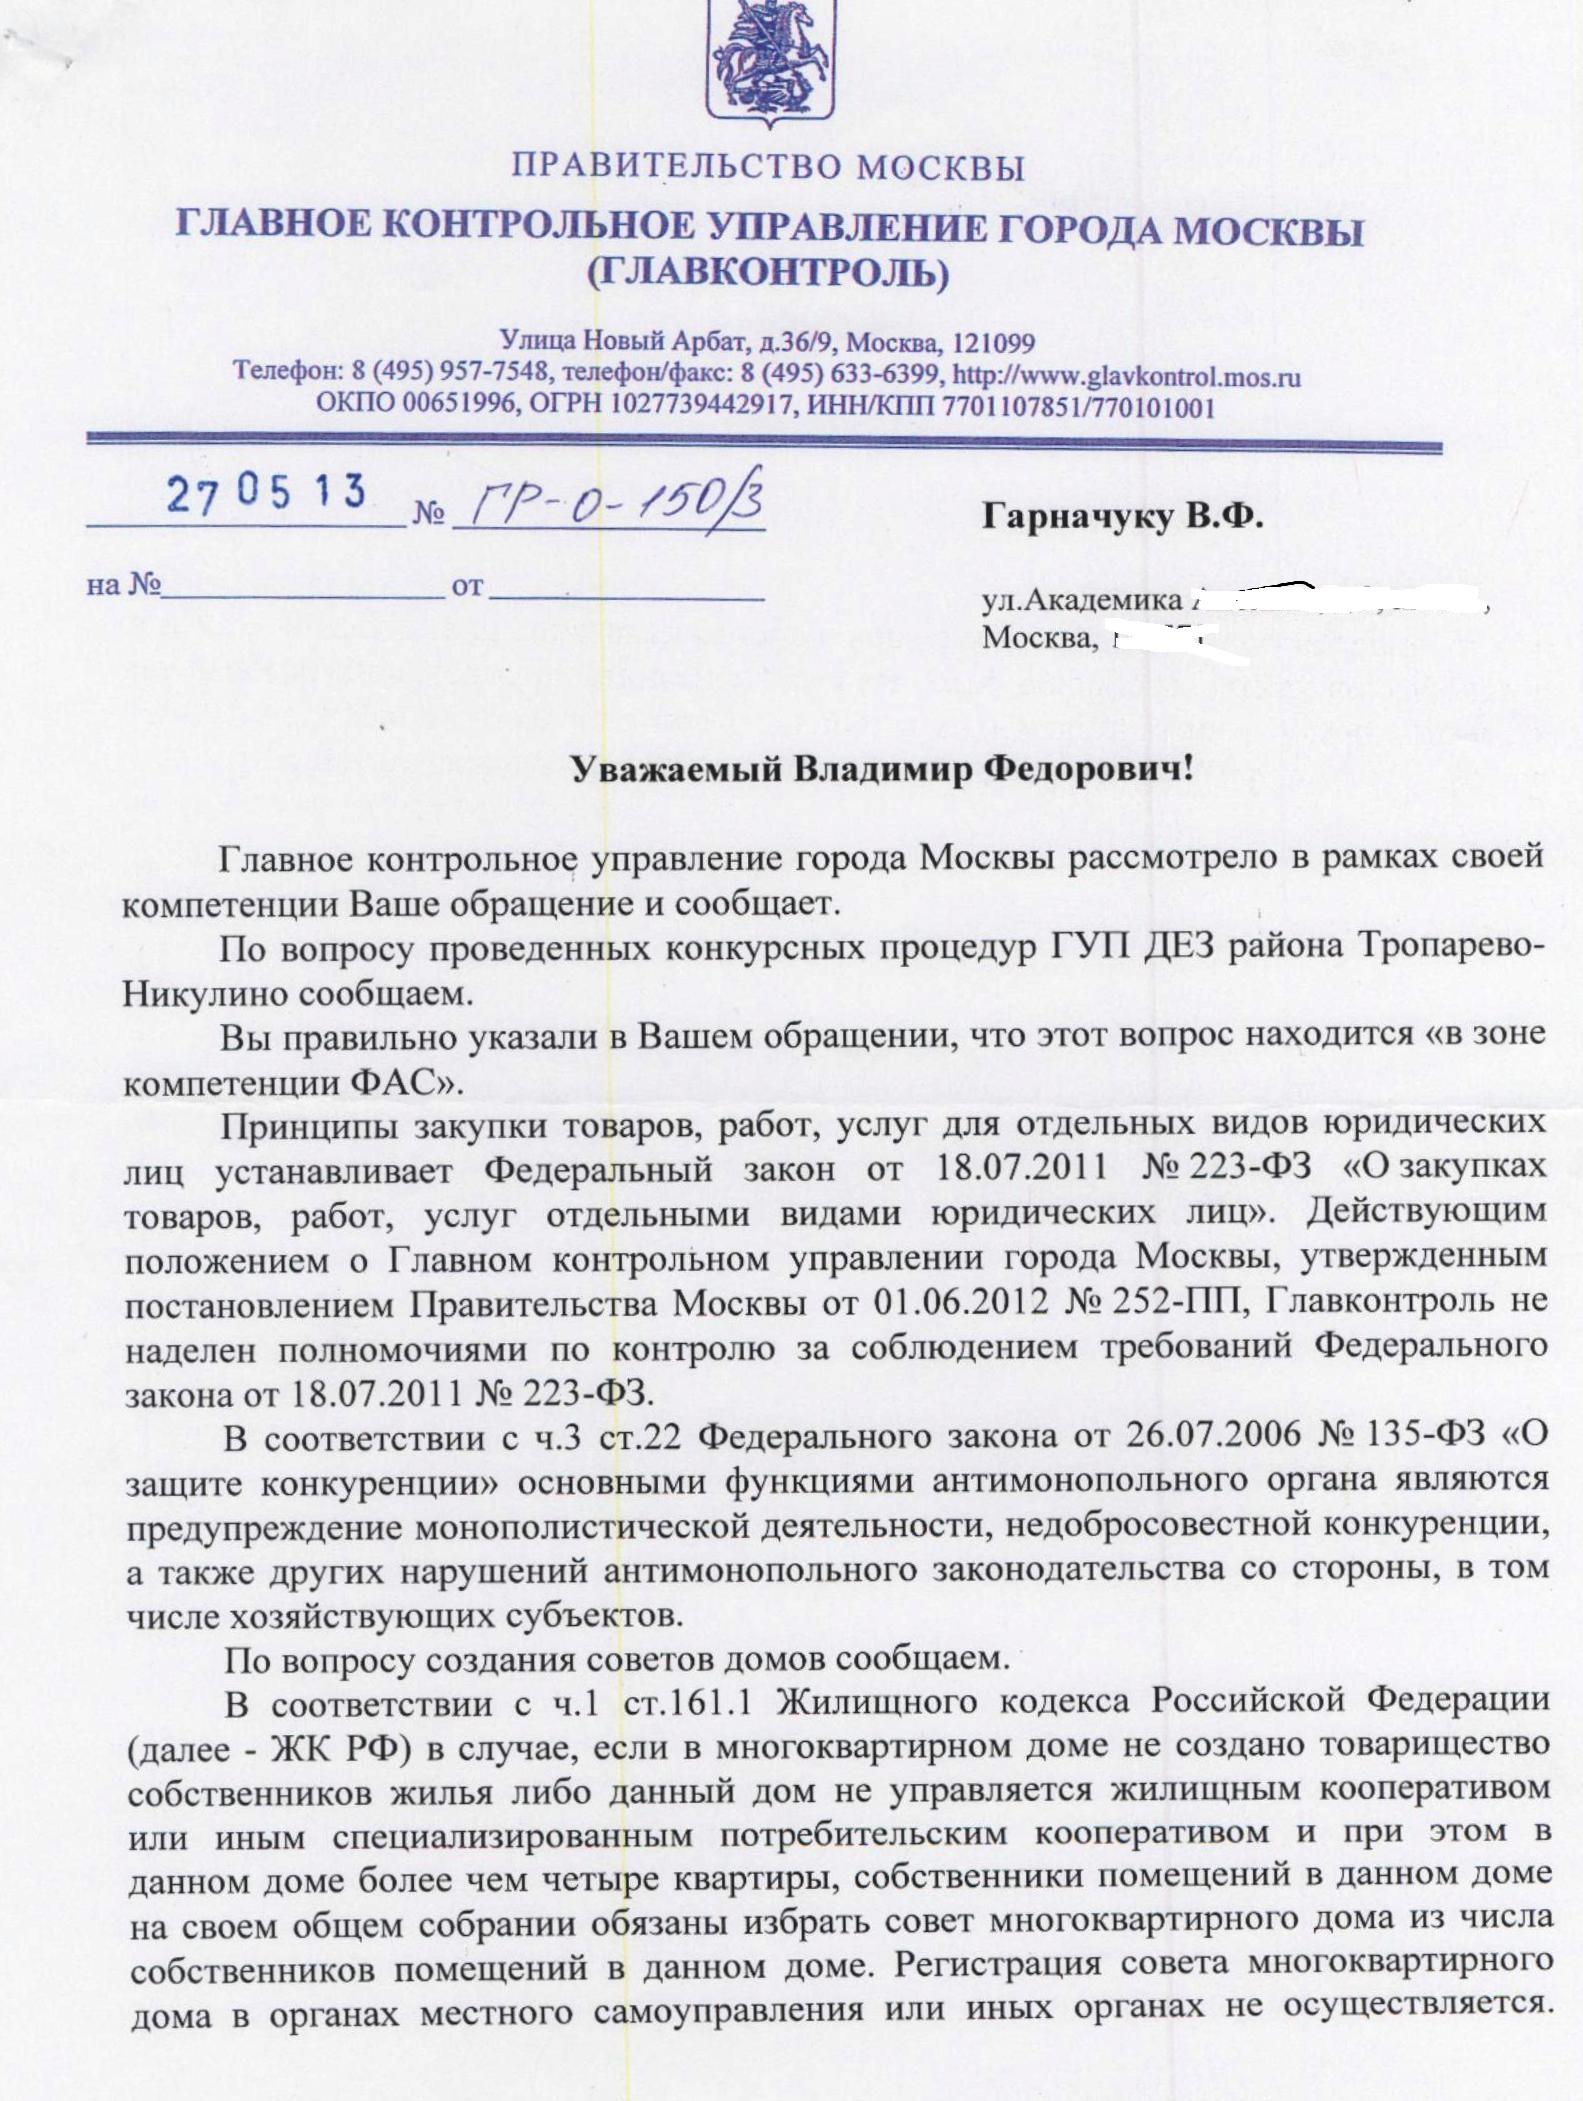 ответ Углавконтроль ДЕЗ 30.05.13 001